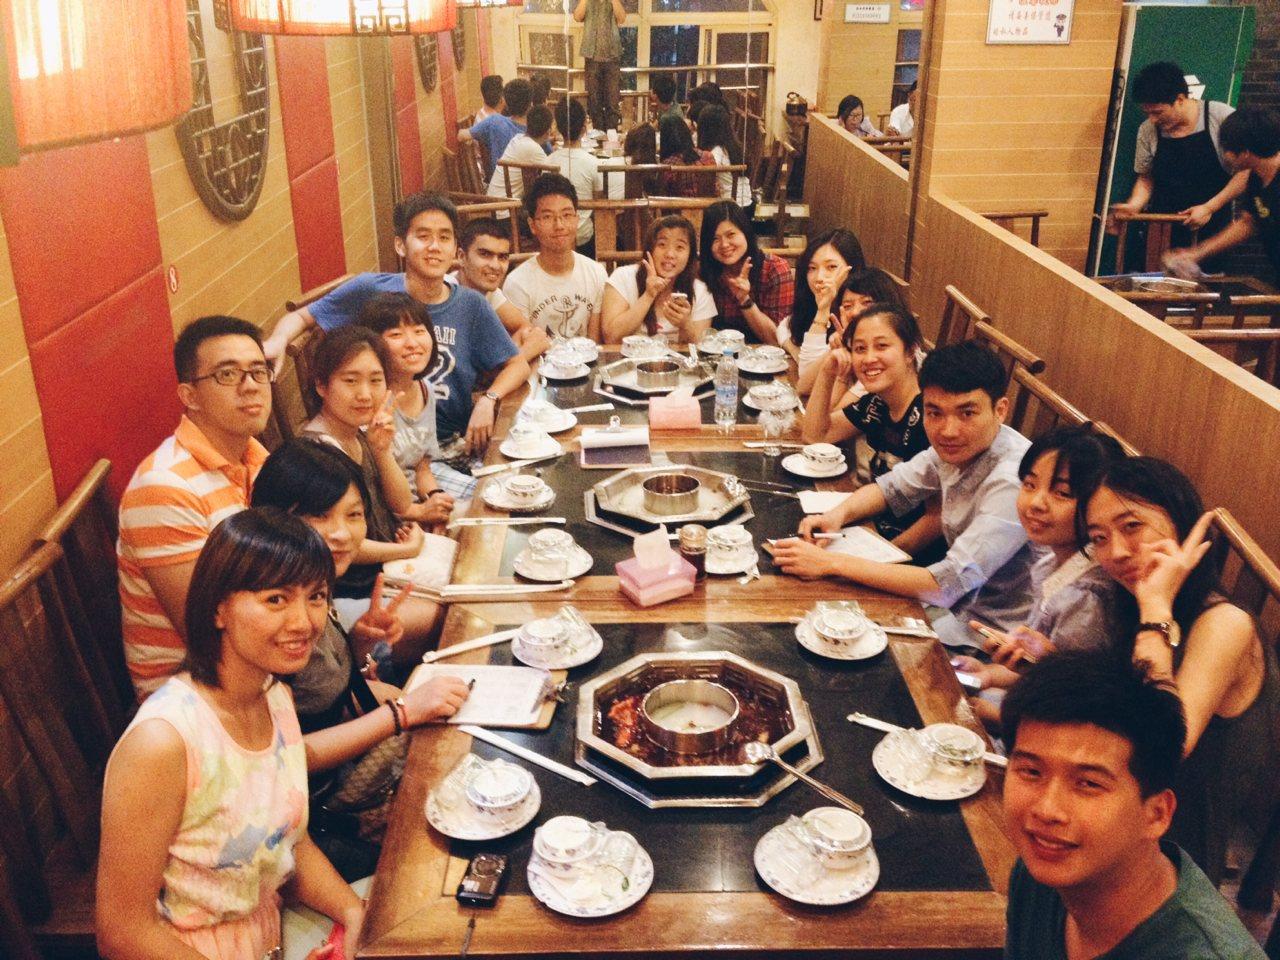 人と出会える国、中国  【ミニコラム 中国の今 Vol.6】